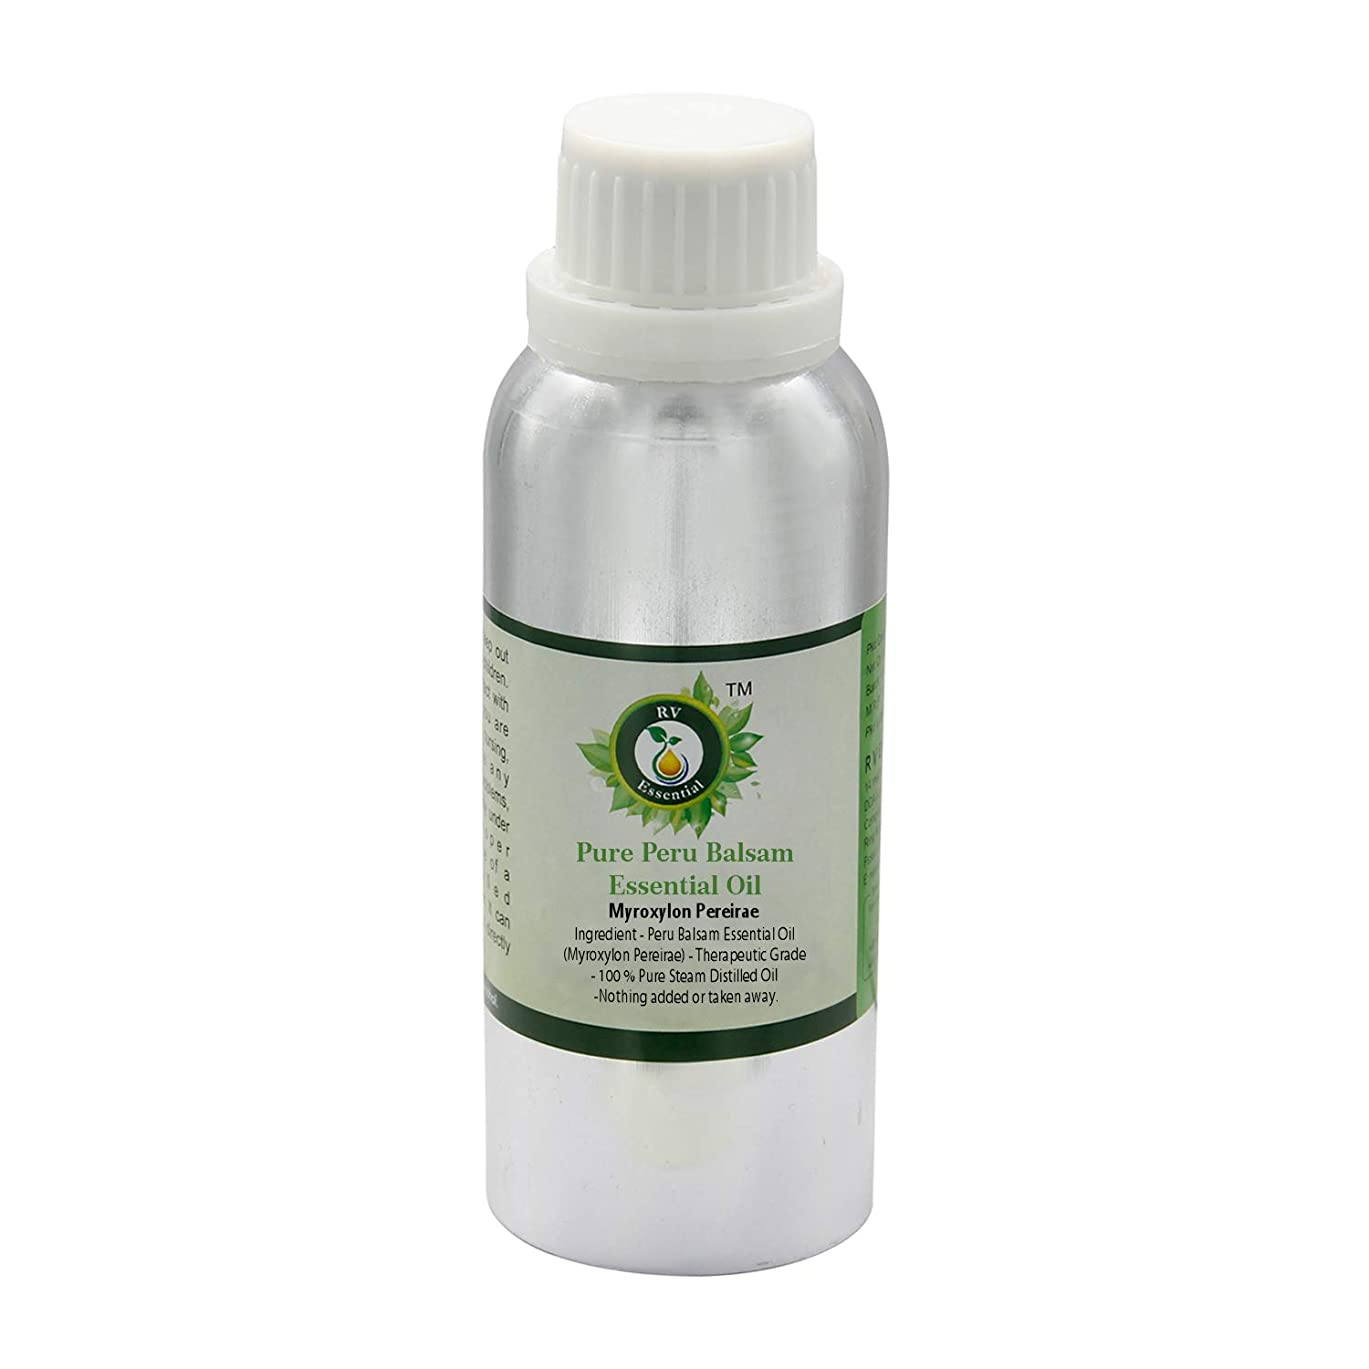 賞バスルームバルセロナピュアペルーバルサム?エッセンシャルオイル630ml (21oz)- Myroxylon Pereirae (100%純粋&天然スチームDistilled) Pure Peru Balsam Essential Oil